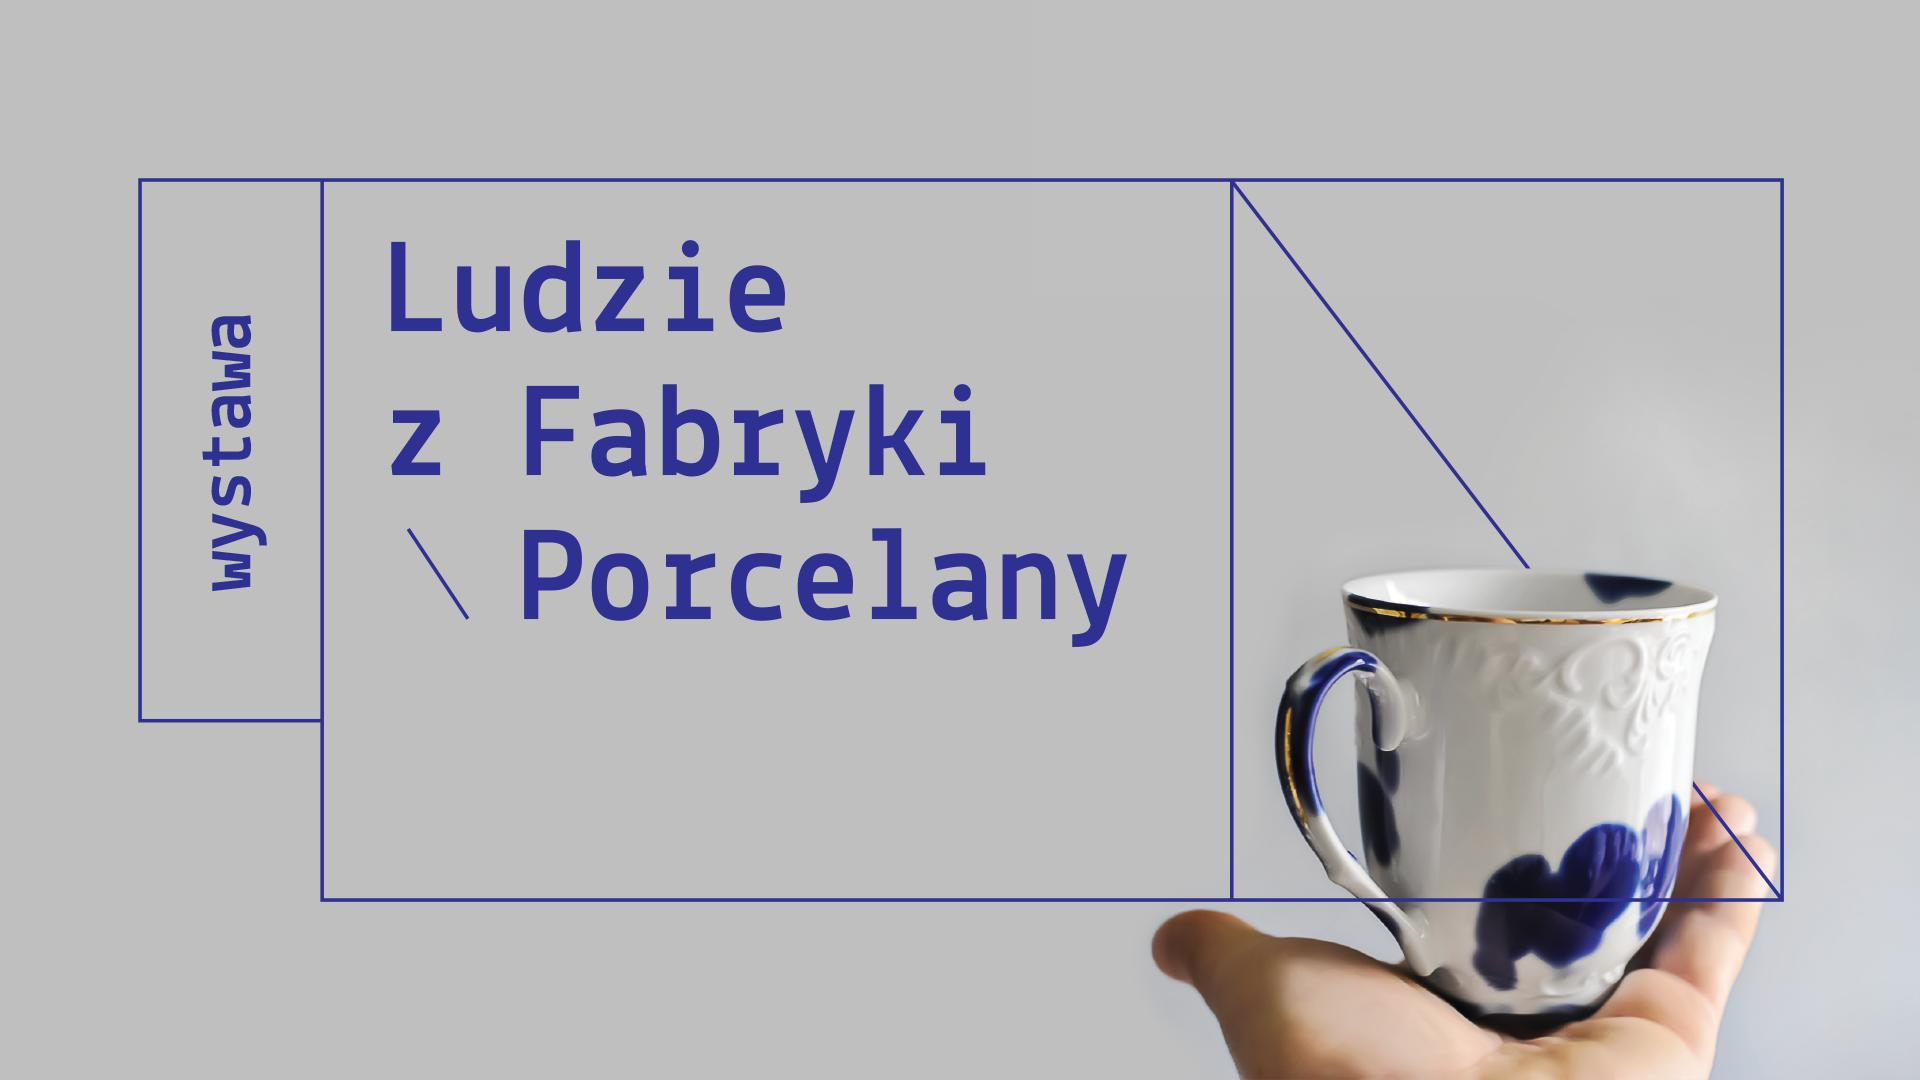 """""""Ludzie z Fabryki Porcelany"""", PNNT Gdynia, Centrum Designu (źródło: materiały prasowe organizatorów)"""